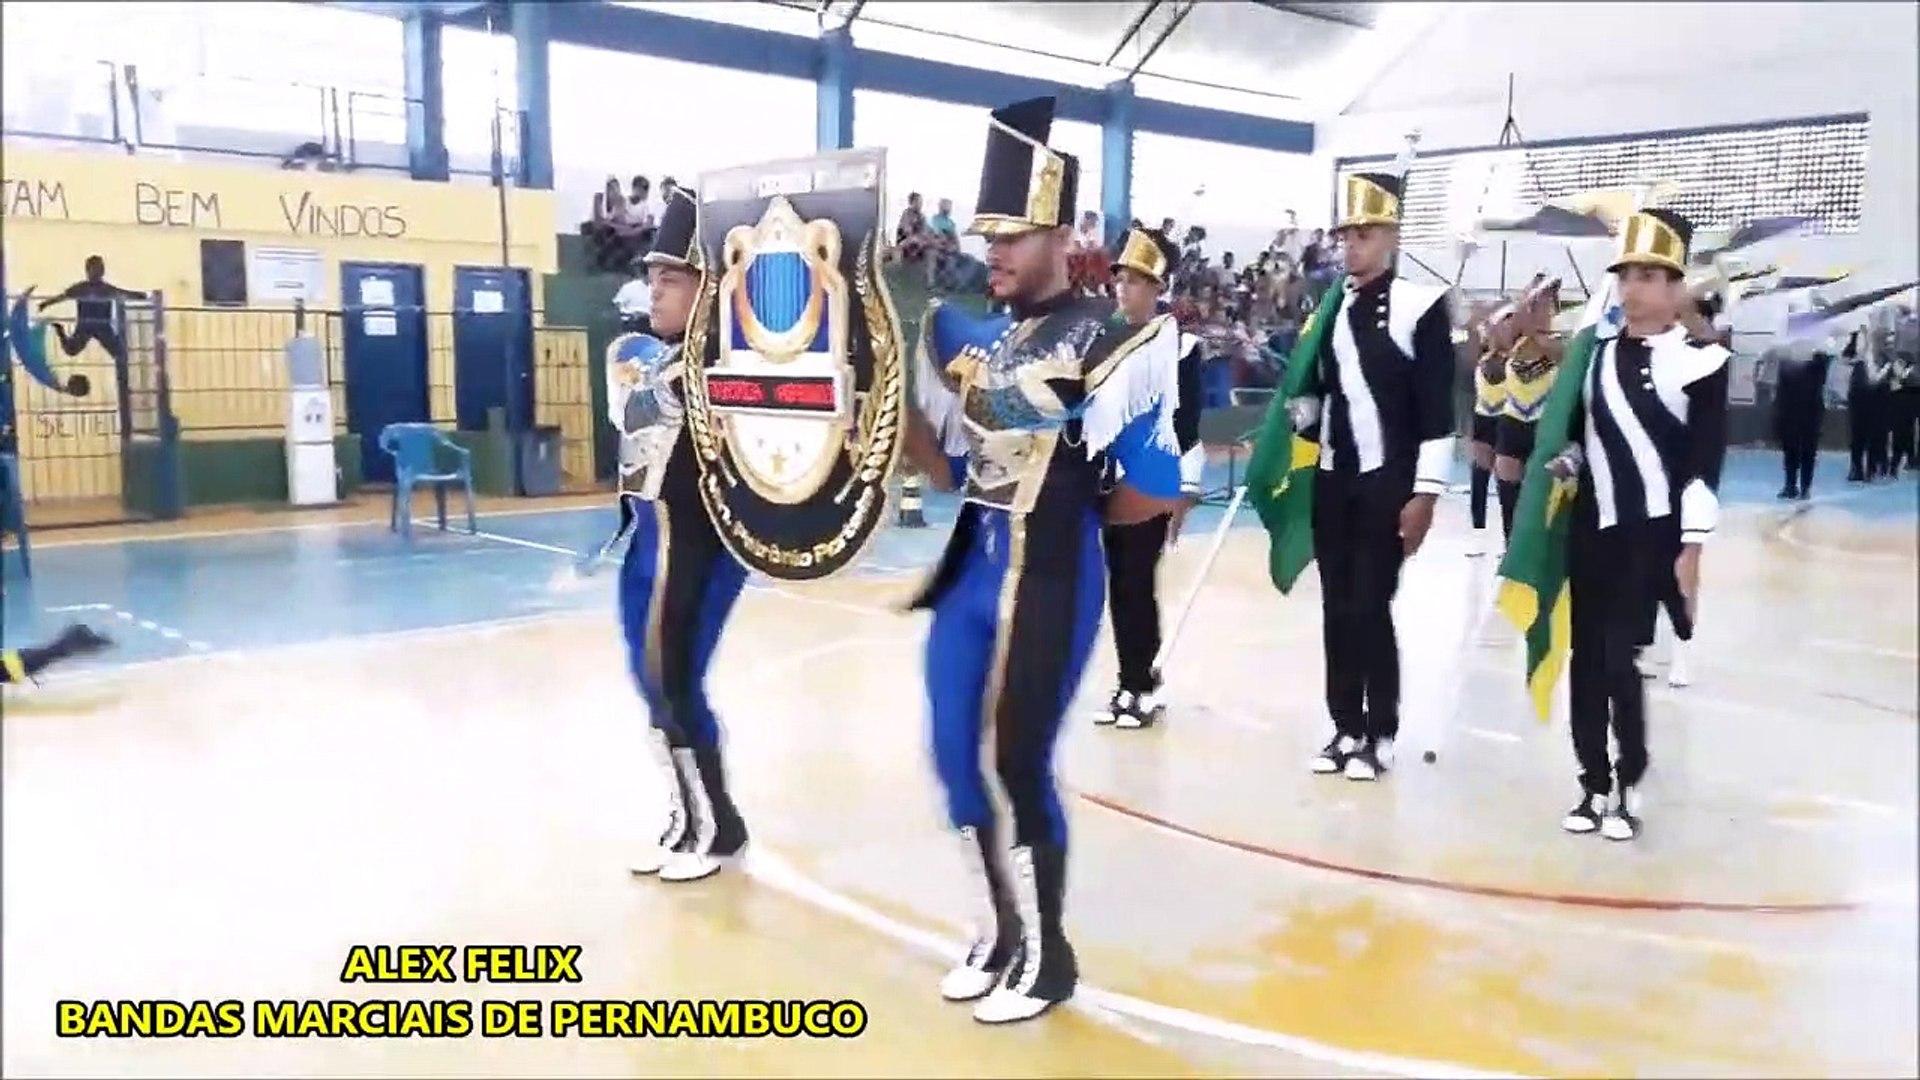 Banda De Percussão Ministro Petronio Portela 2018 - VI COPA NACIONAL DE CAMPEÃS DE BANDAS E FANFARRA